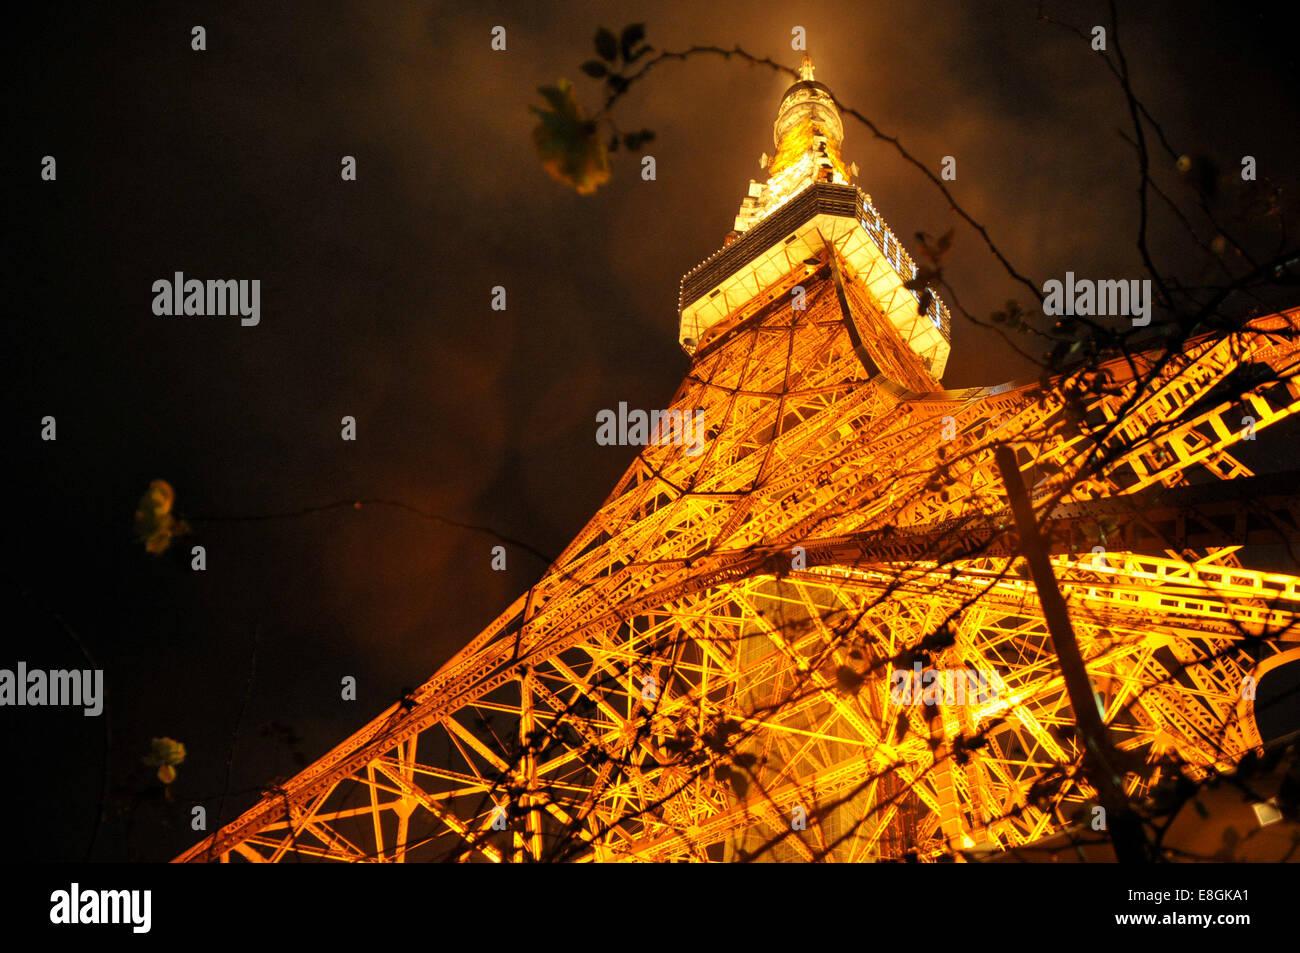 Giappone, Kita-Katsushika, Minato, Torre di Tokyo che brilla sulla notte piovosa Immagini Stock